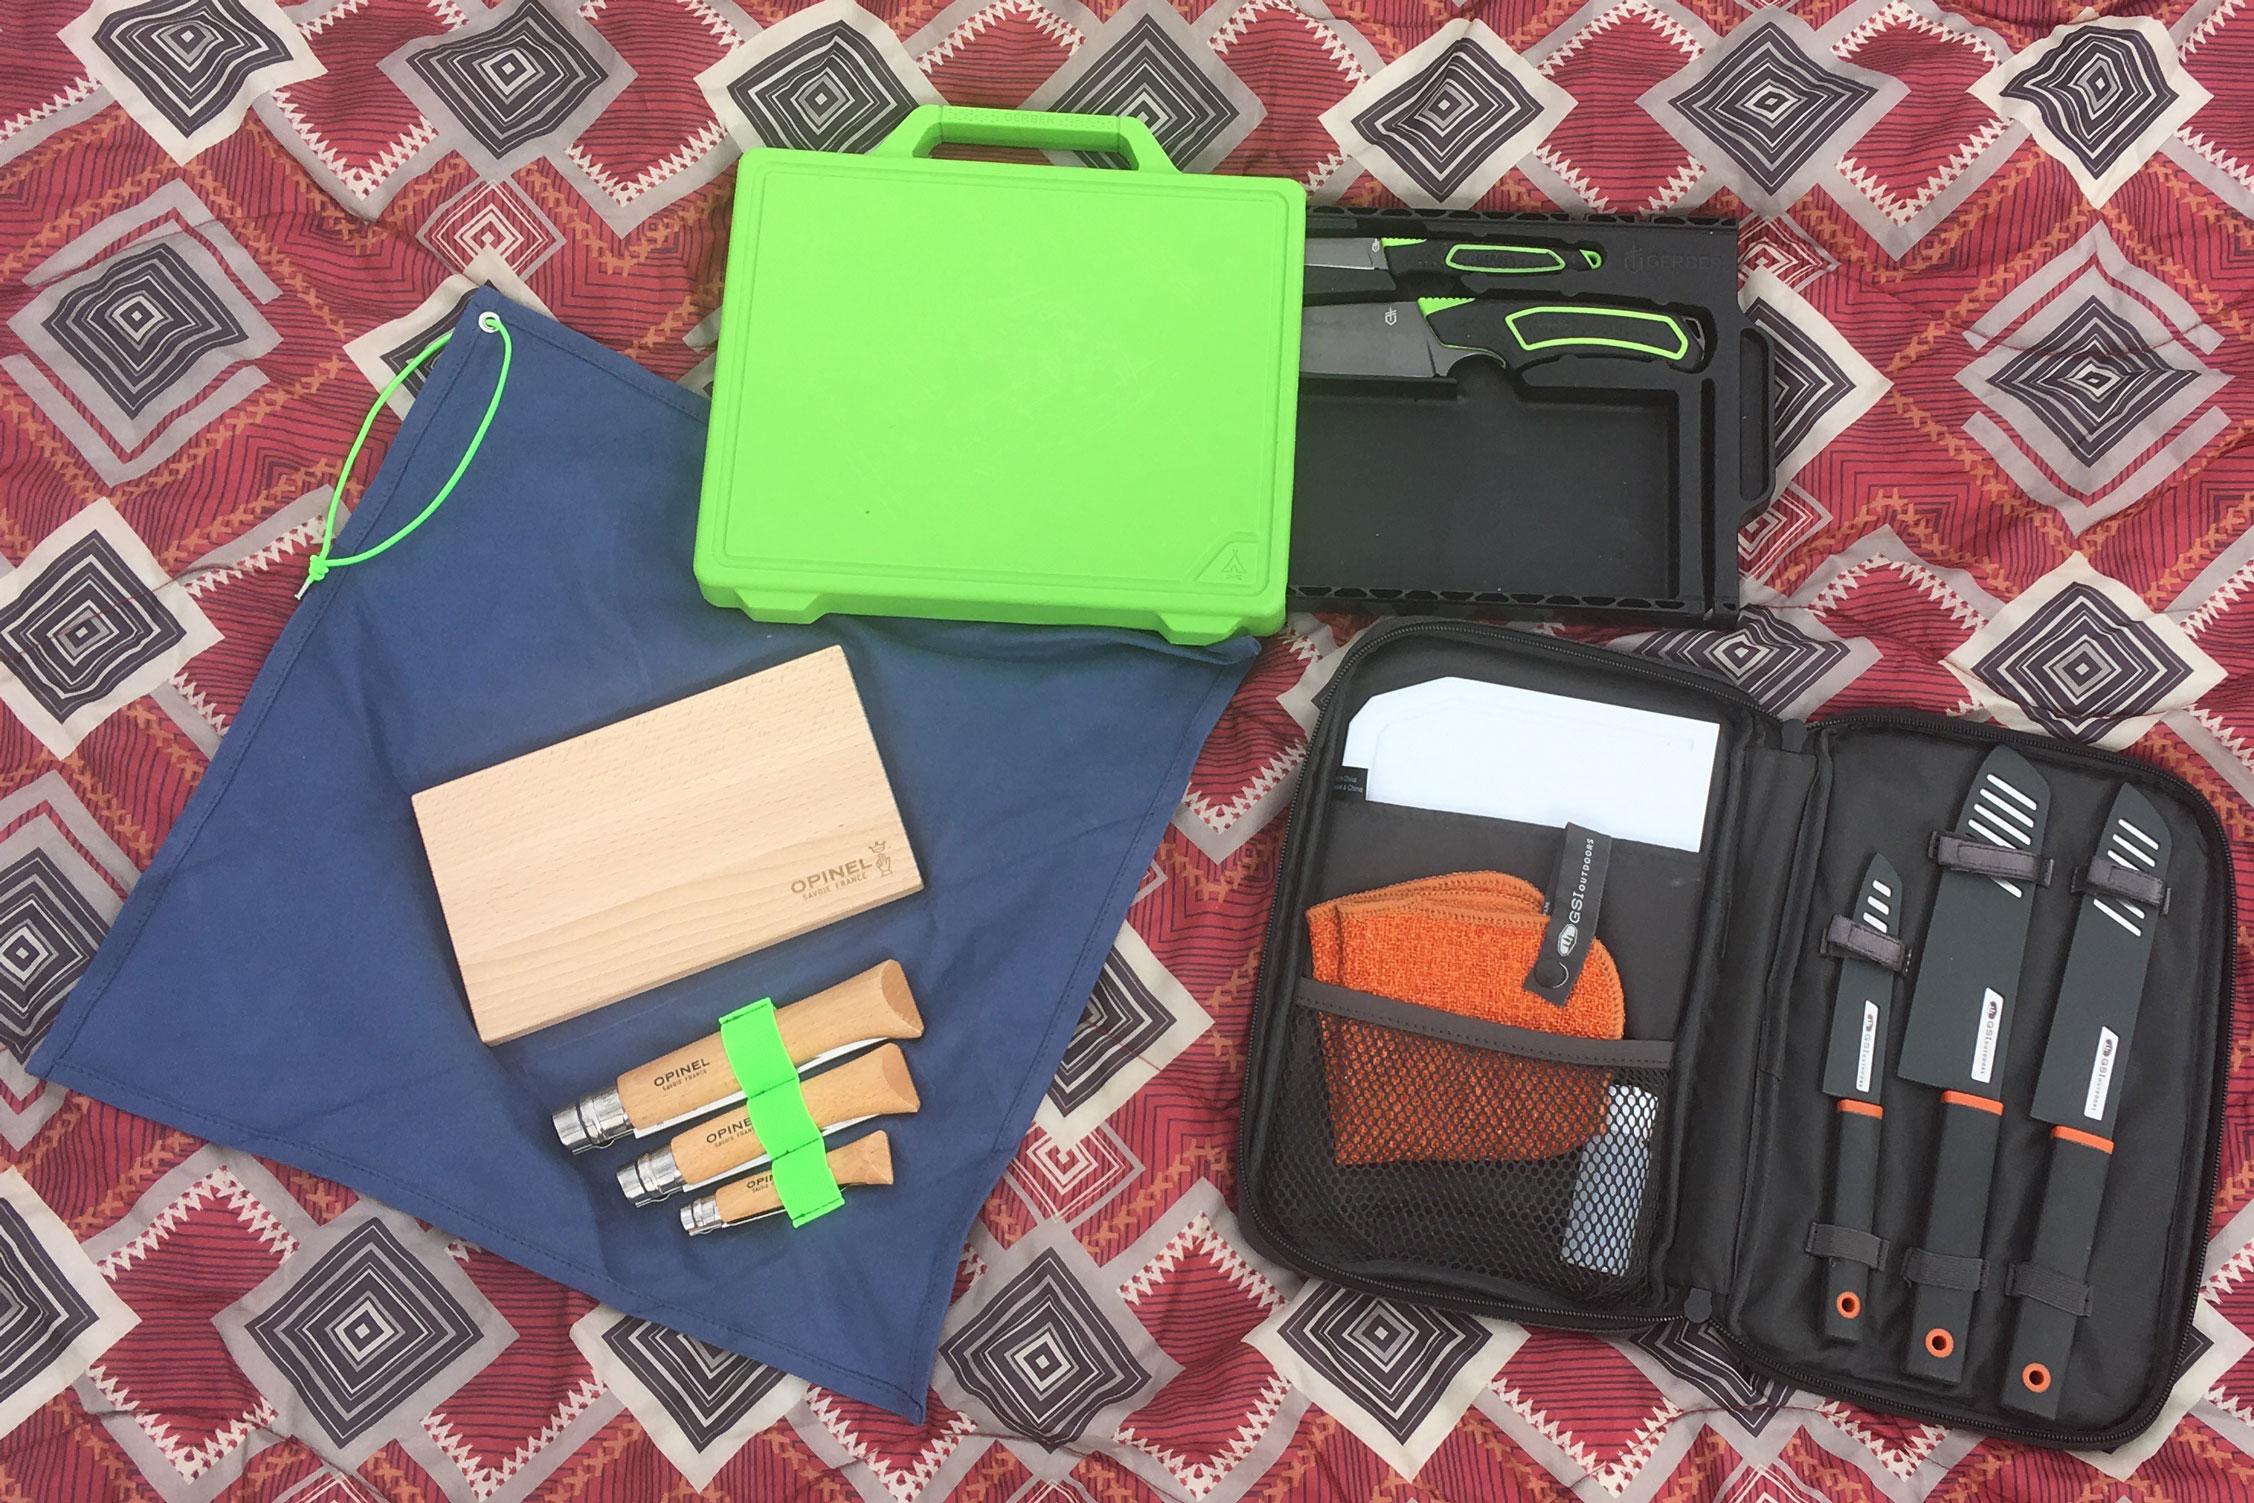 Camp knife kits